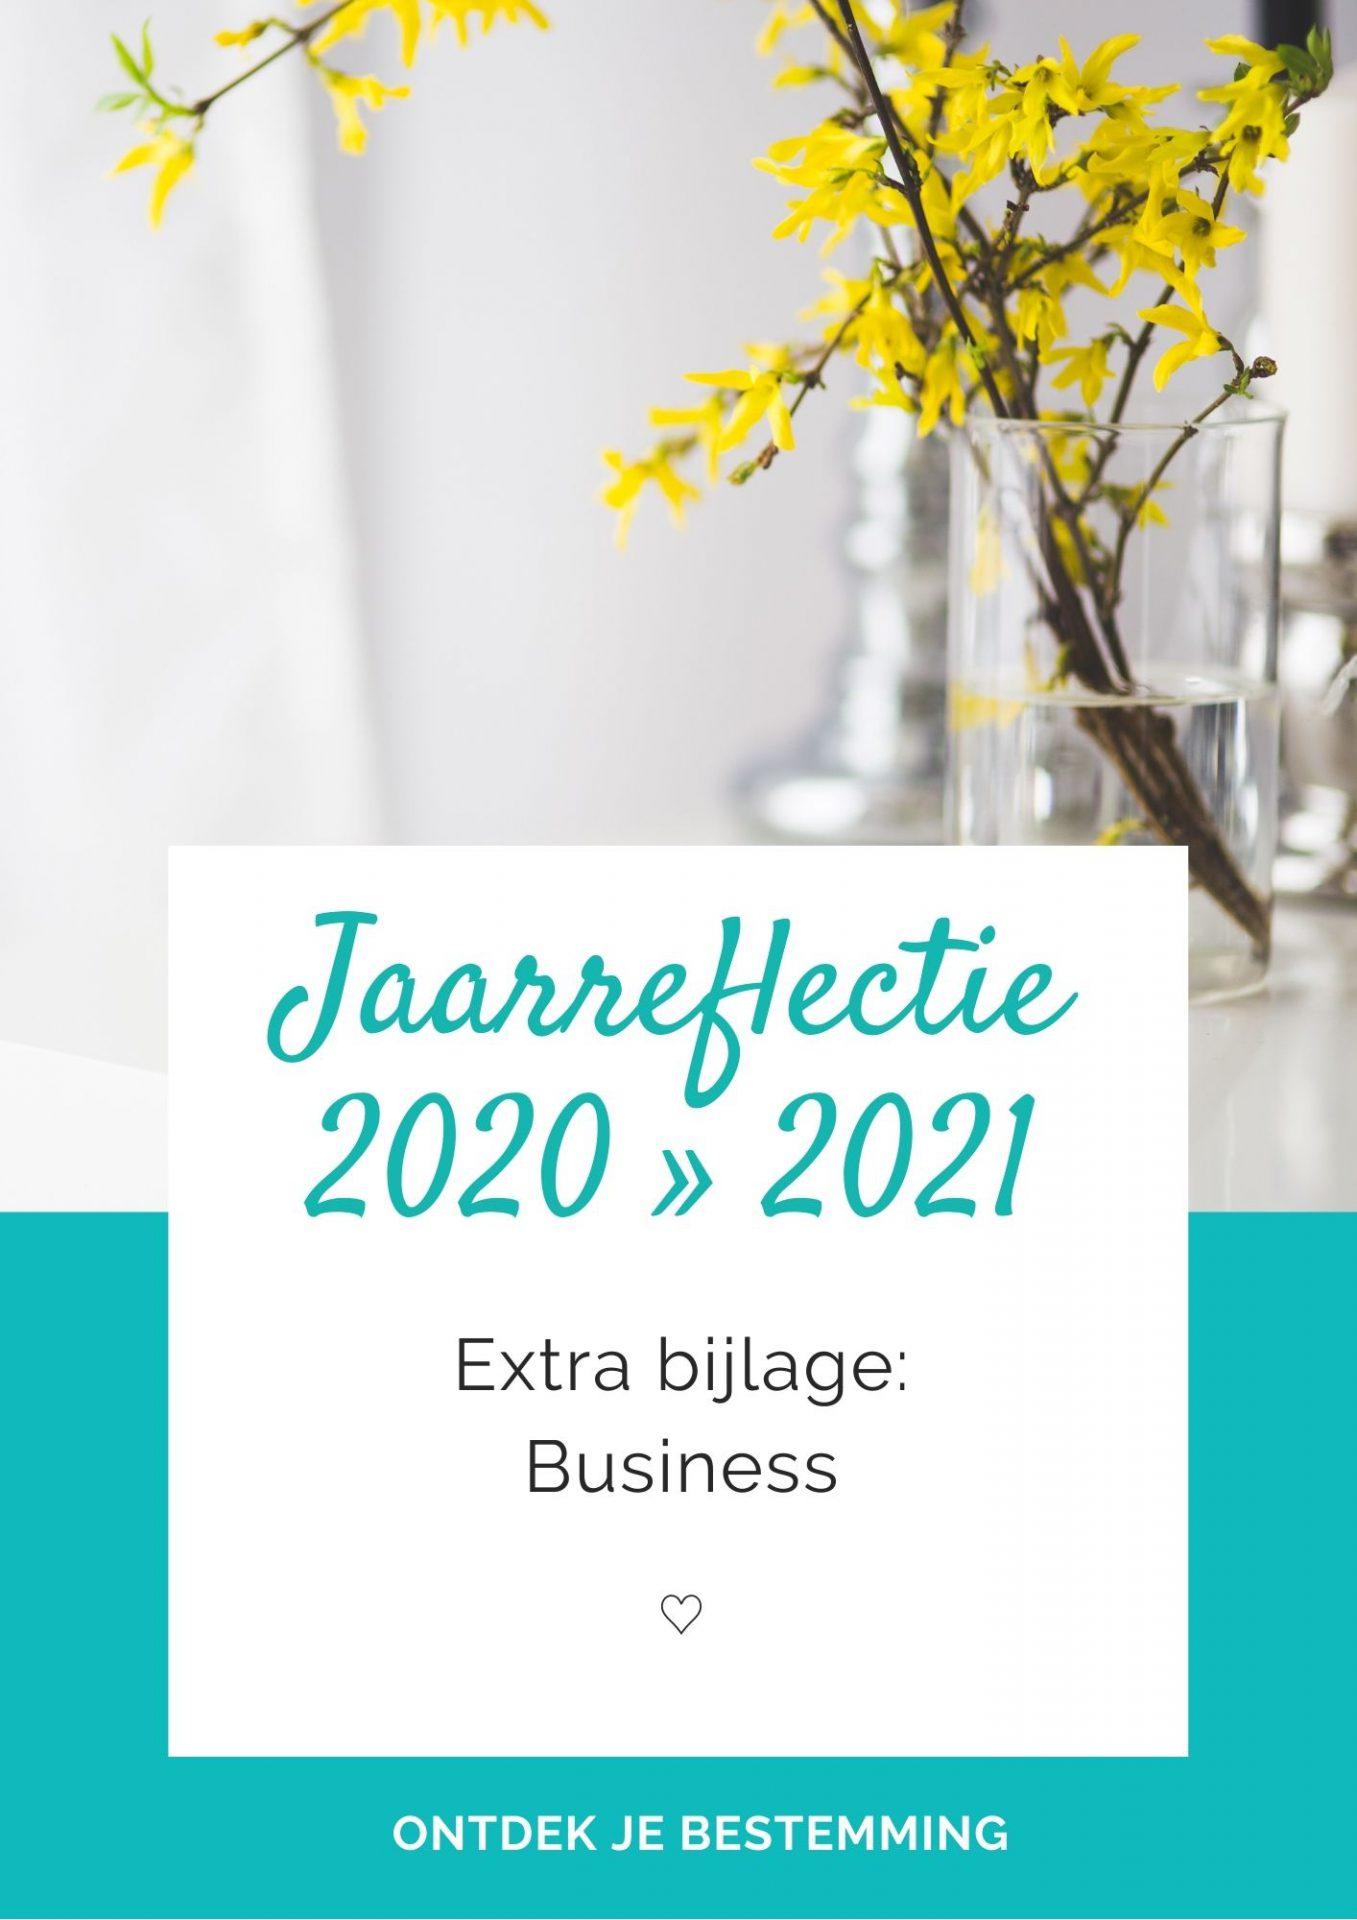 Jaarreflectie 2020-2021